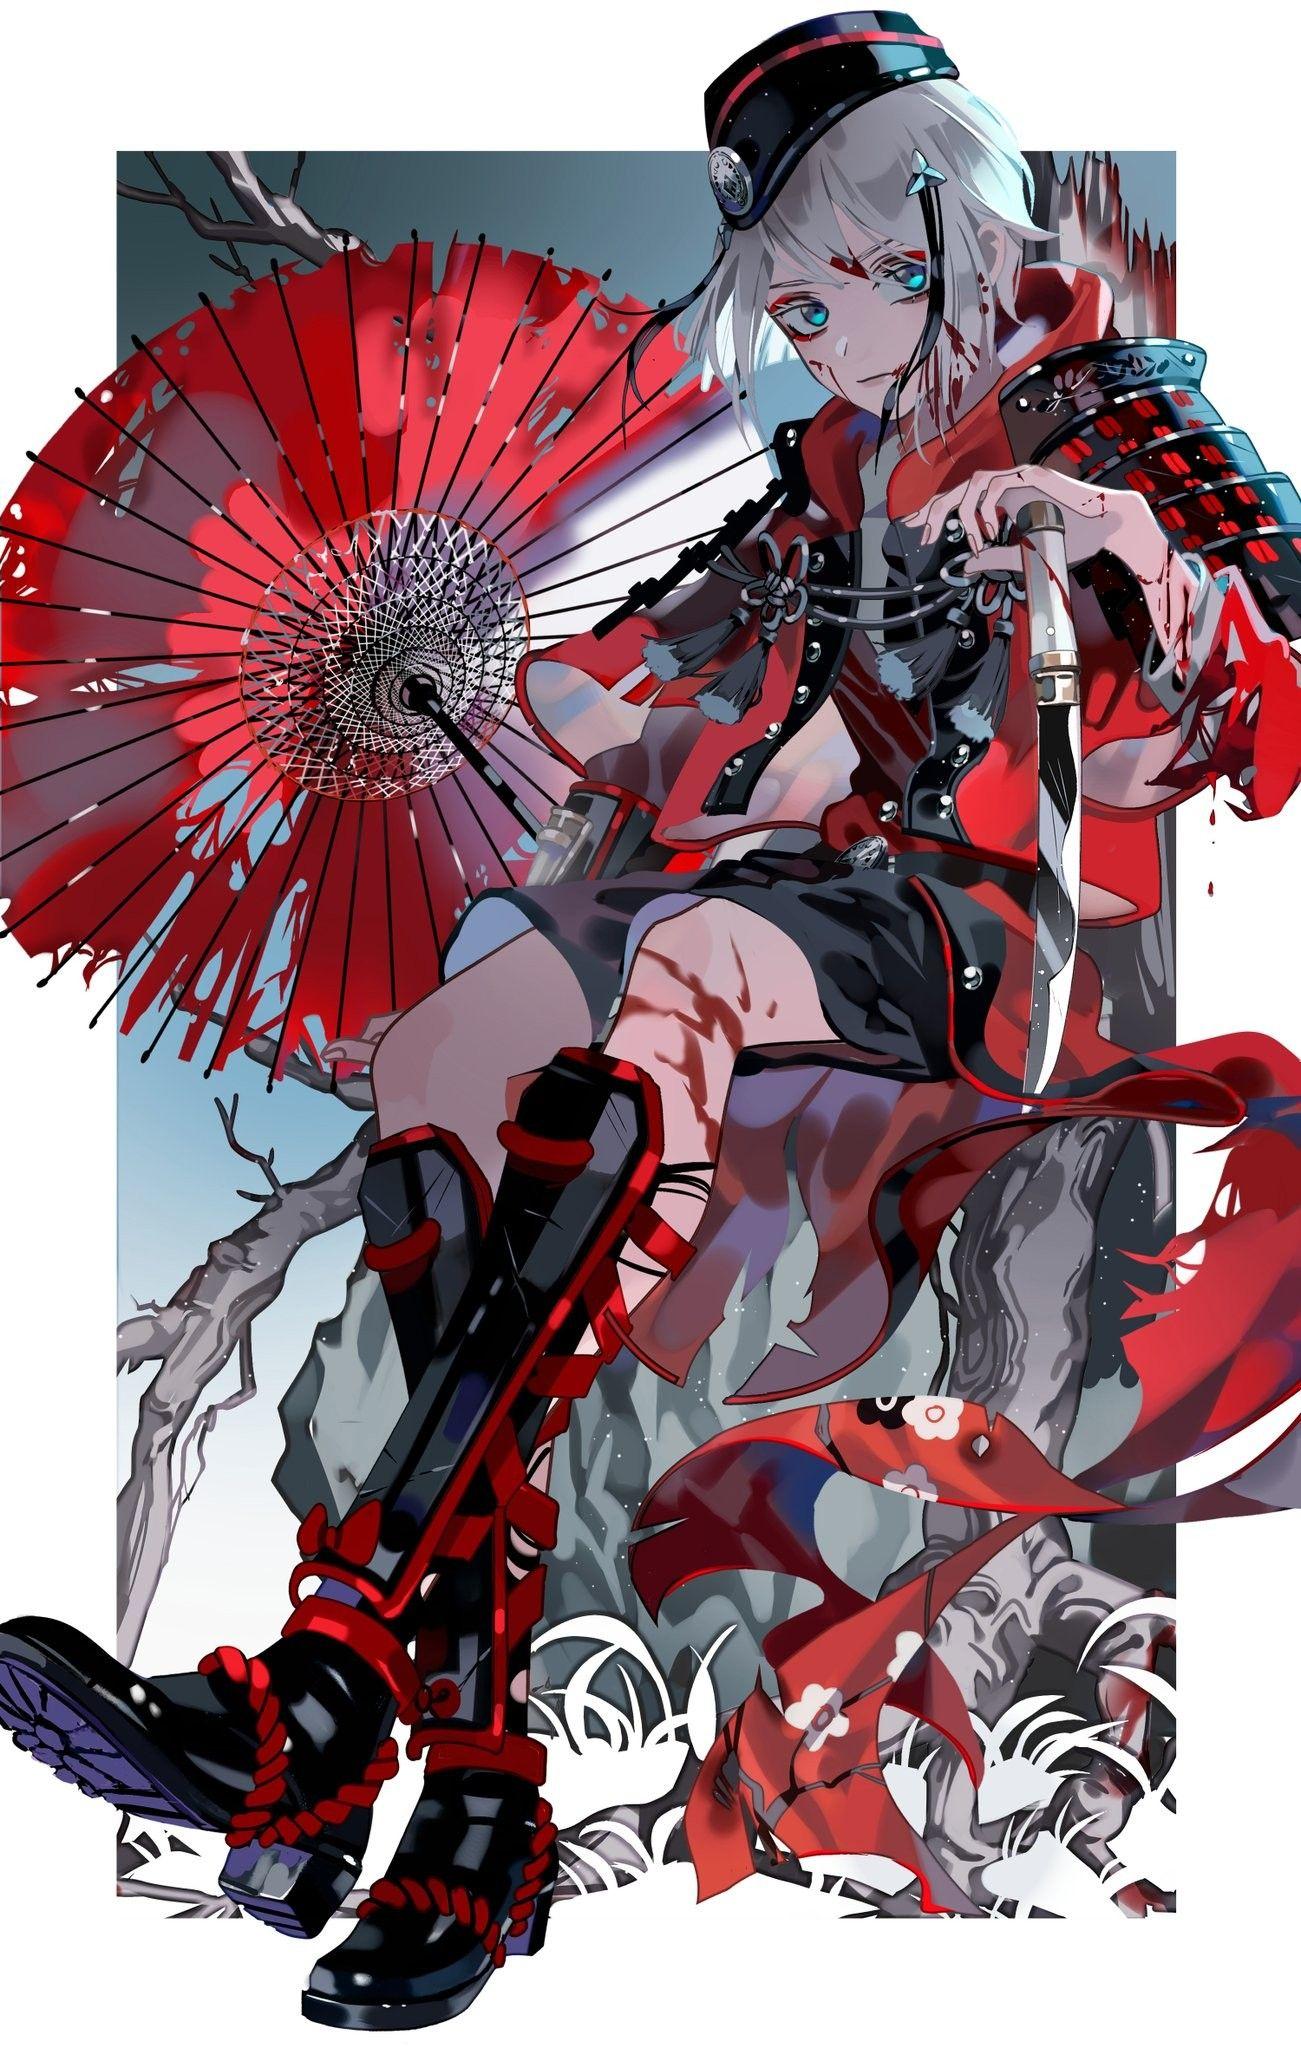 Ác quỷ trong Anime sở hữu vẻ ngoài điển trai nhất